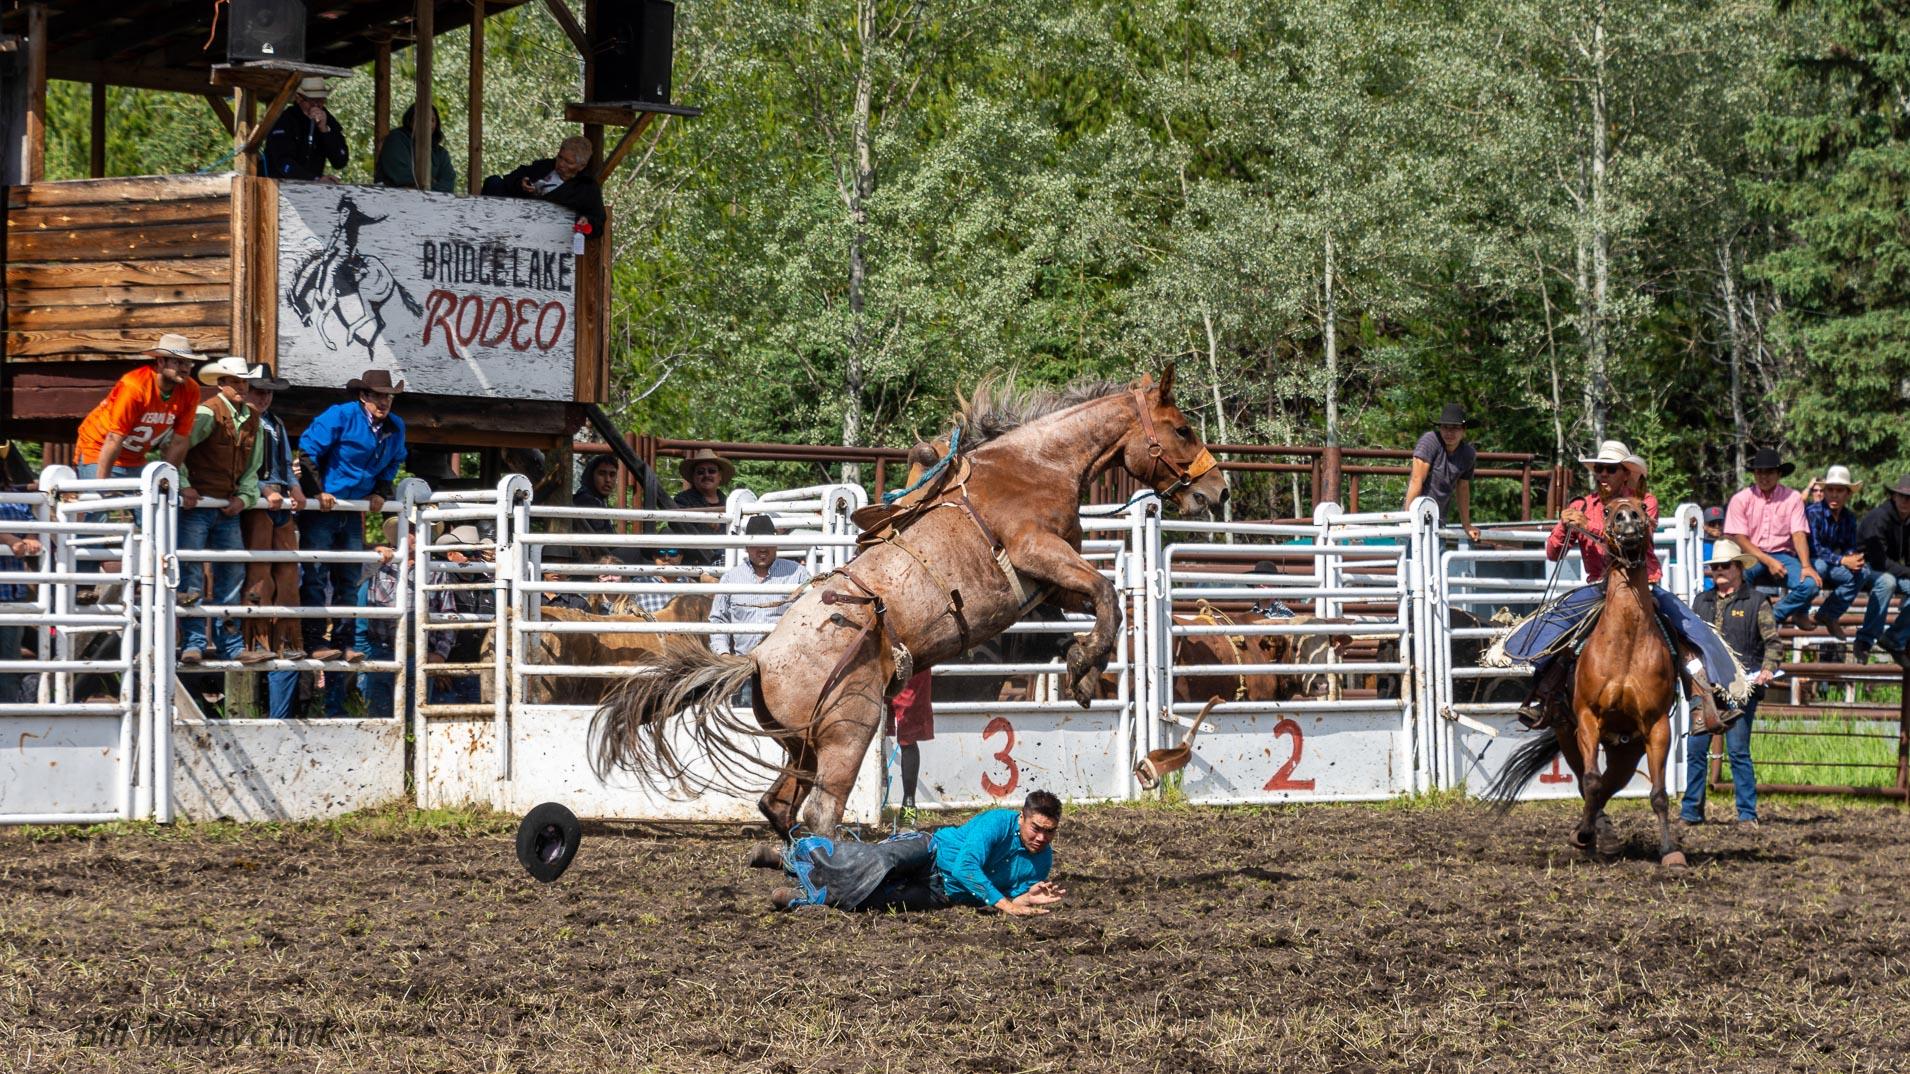 Rodeo_DSC1051-314 - Bill Melnychuk